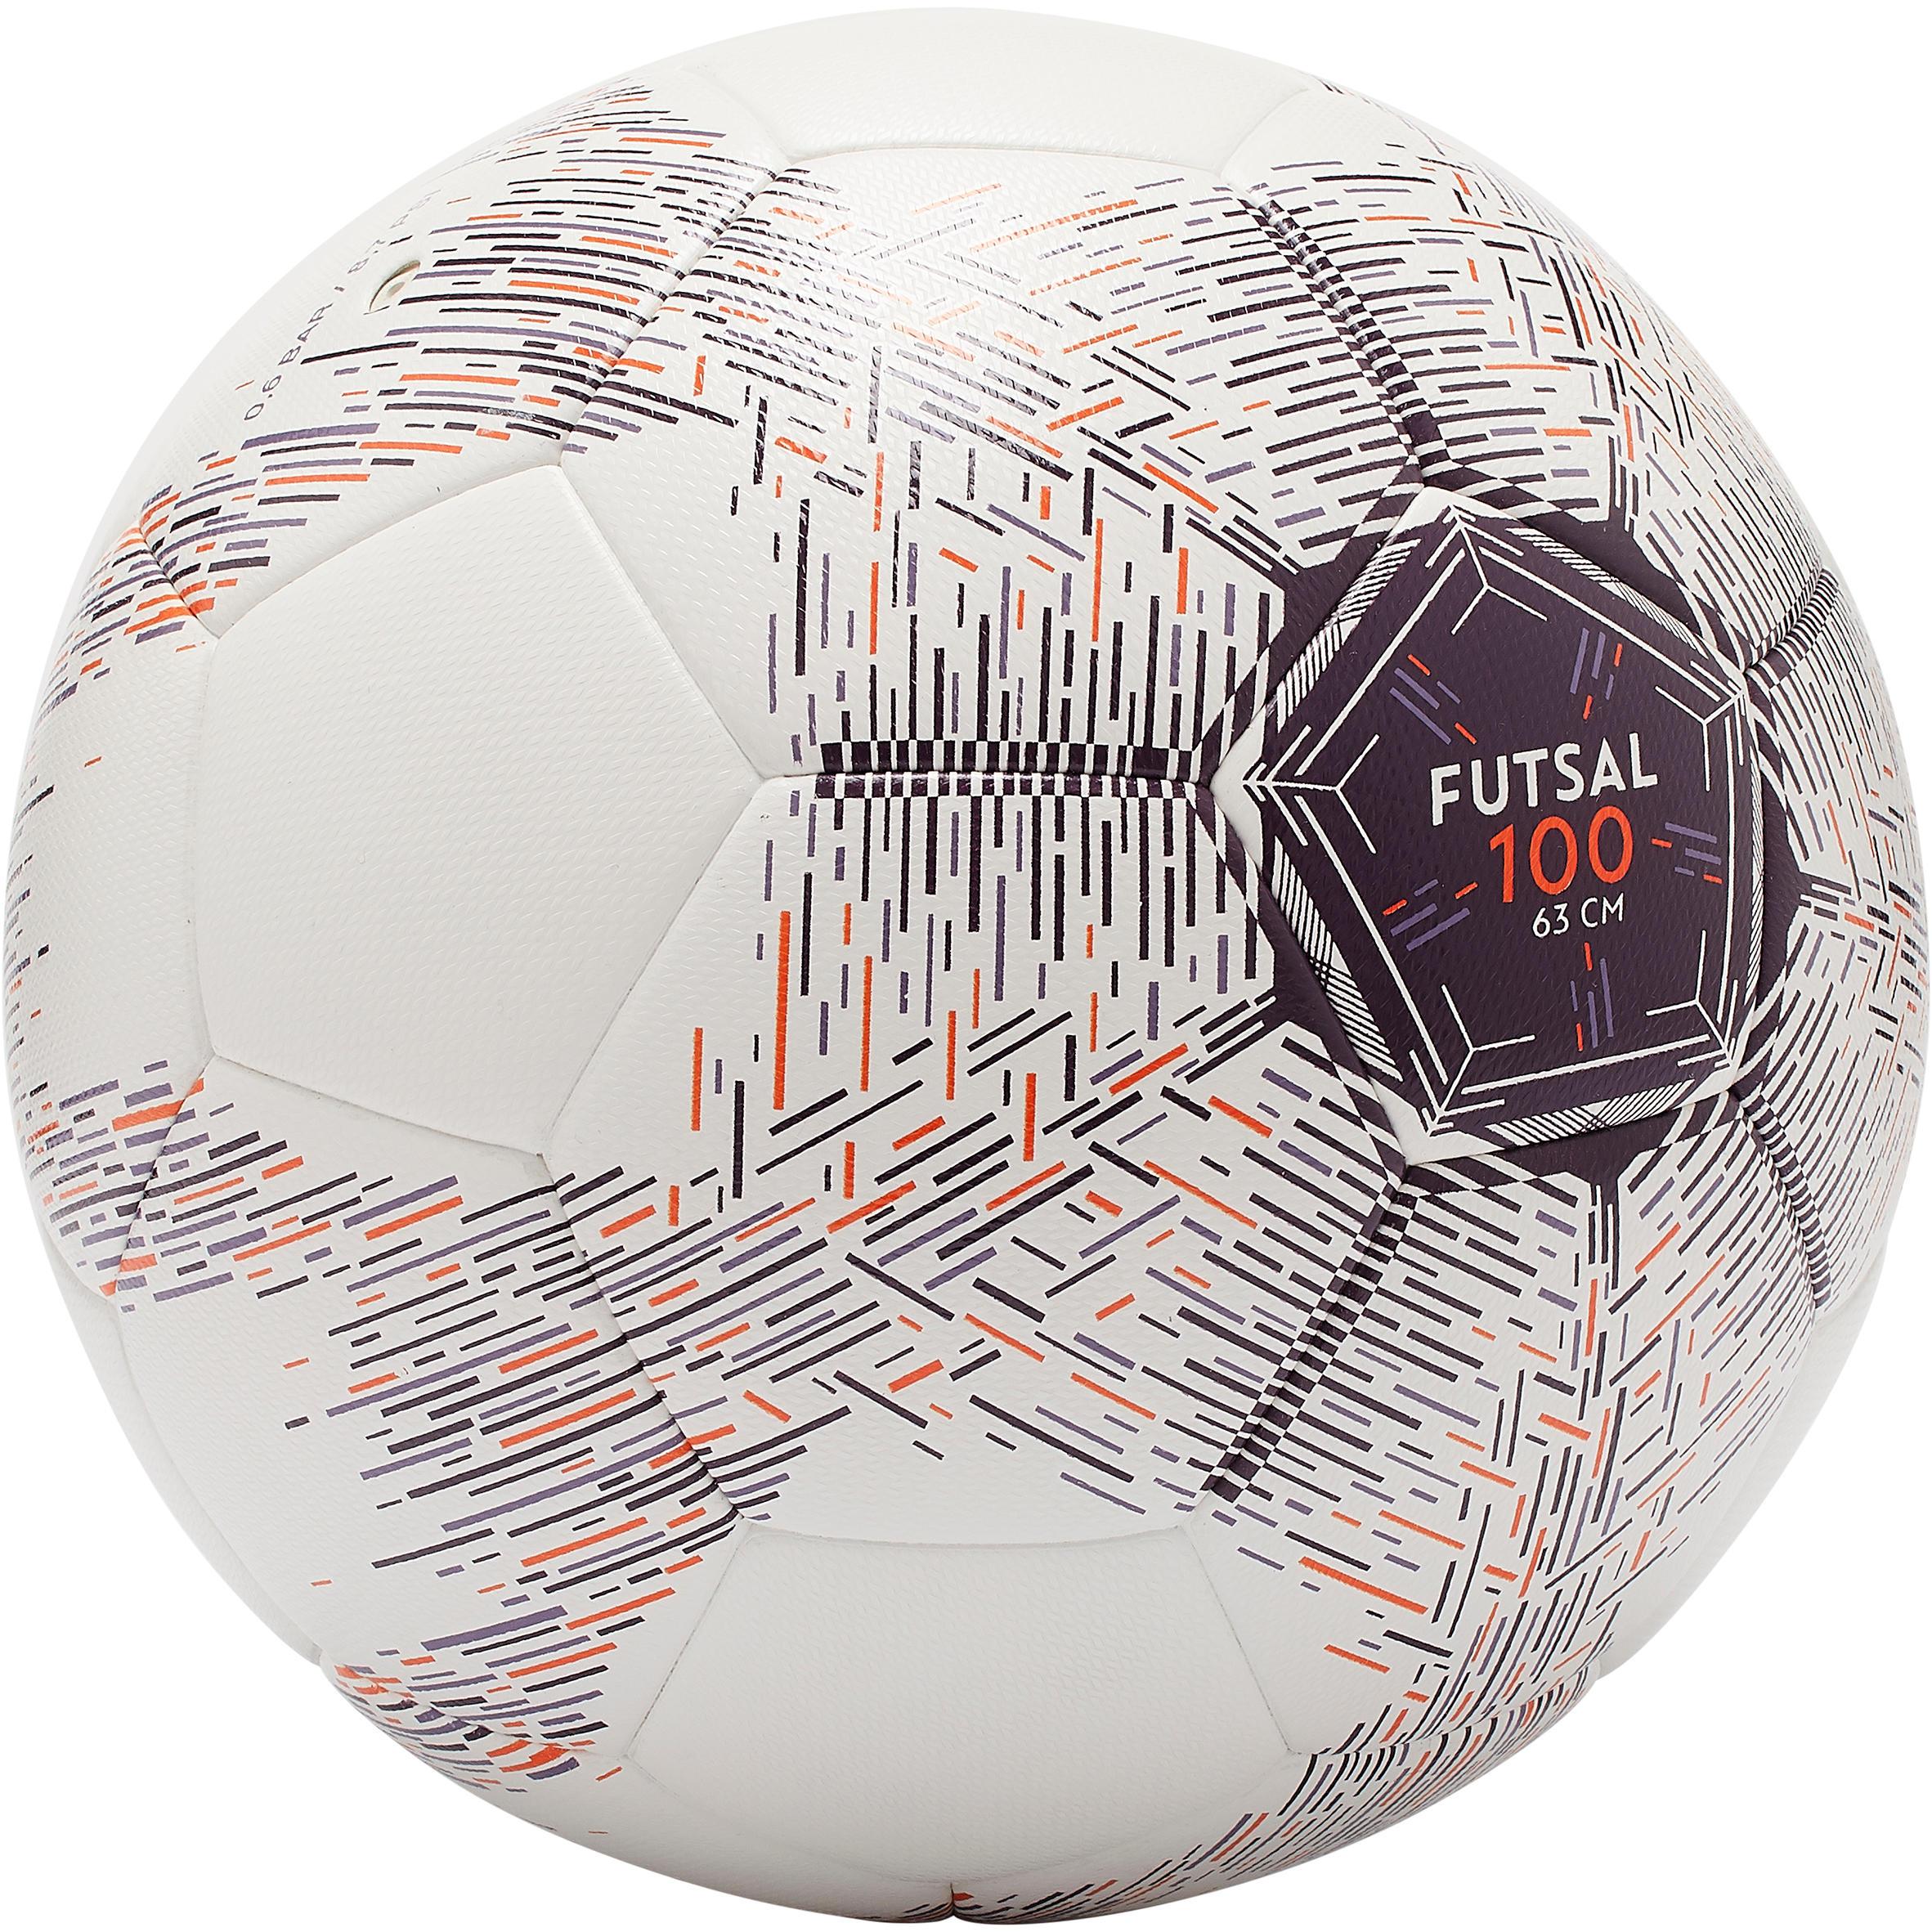 Minge Futsal 100 63cm